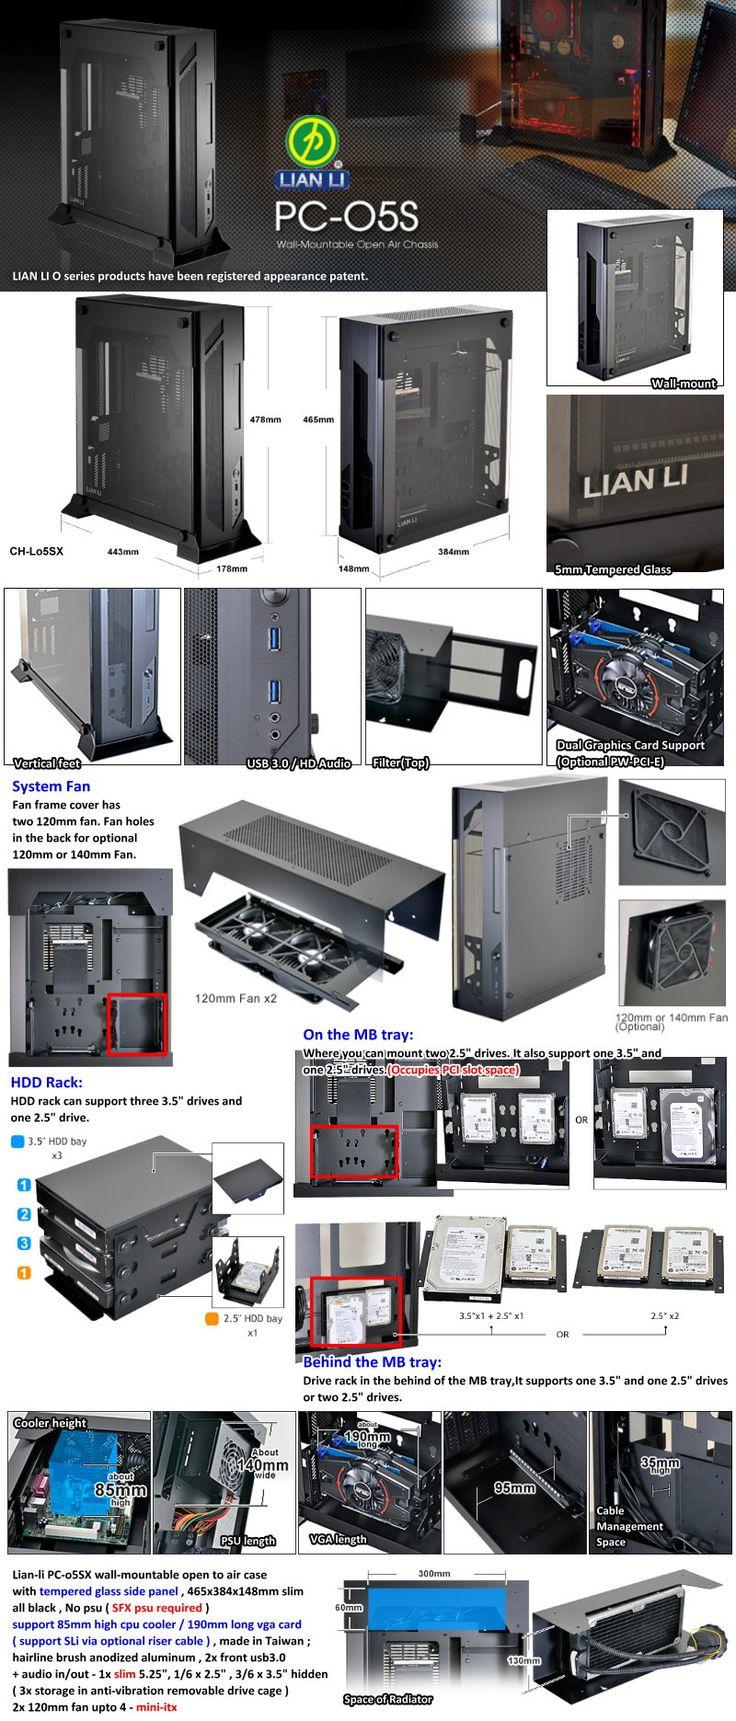 PC-O5S